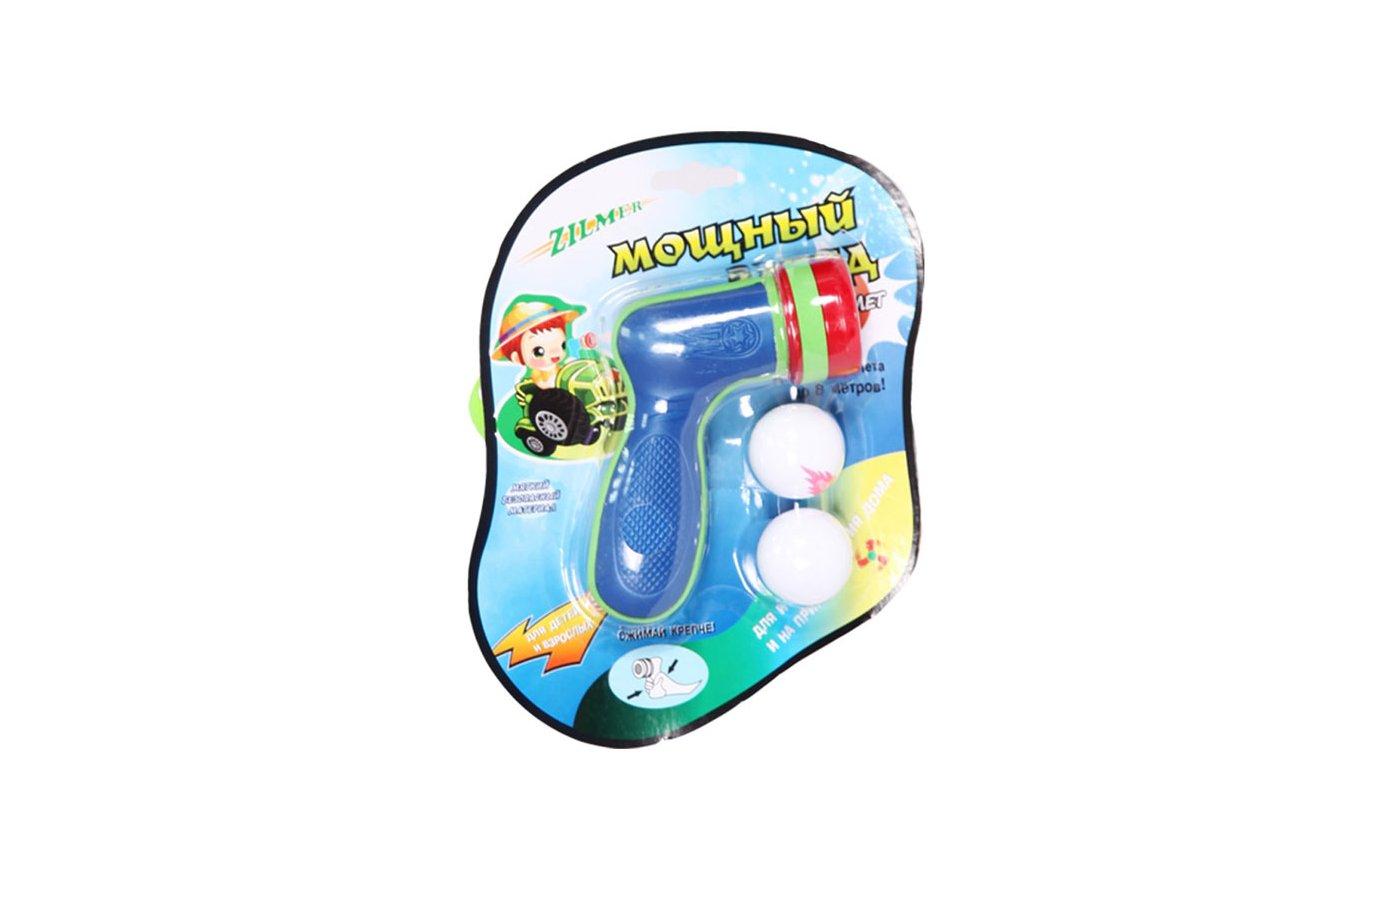 Игрушка Zilmer ZIL1102-007 Воздушный пистолет